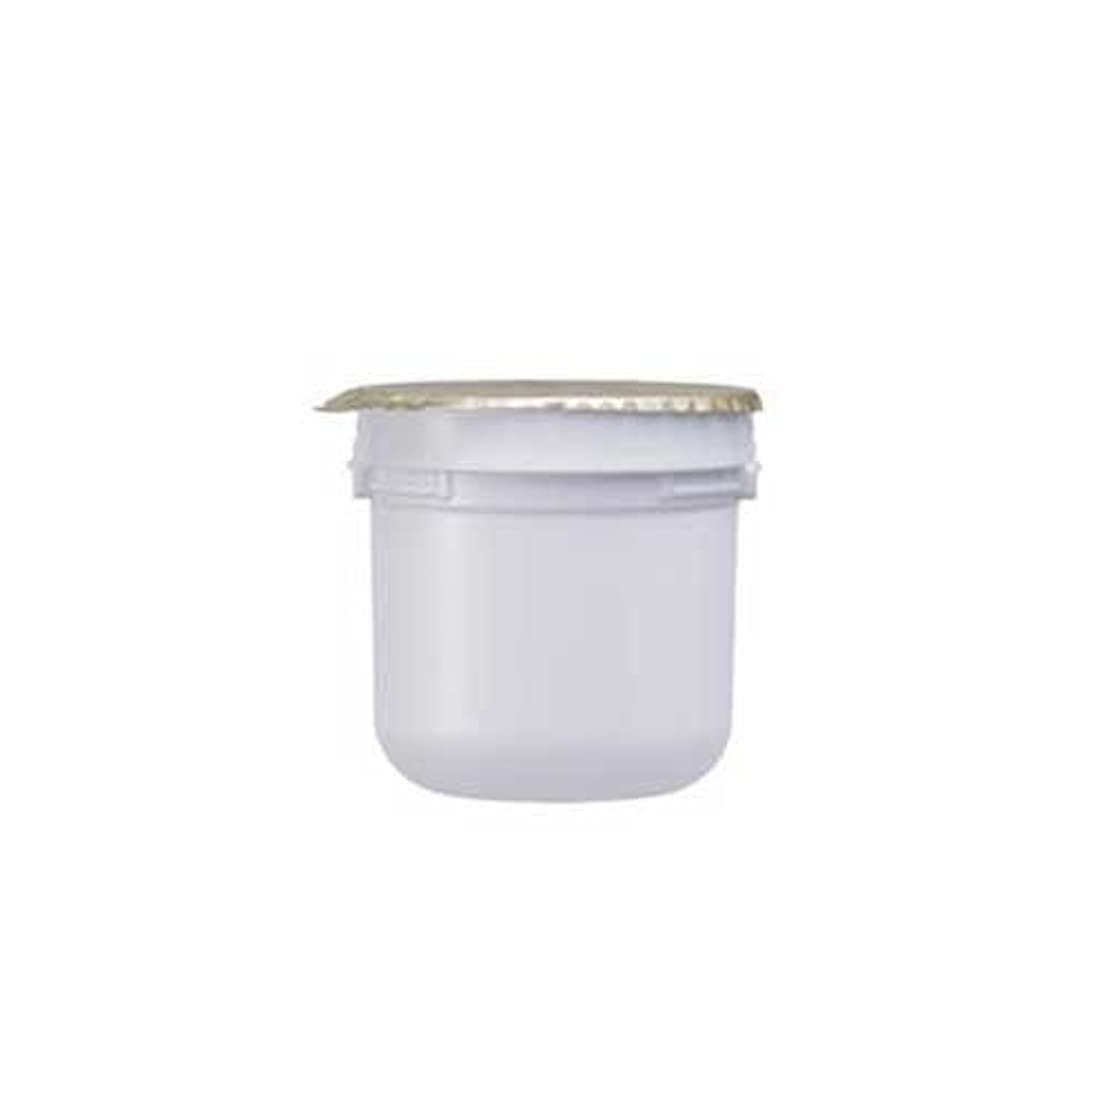 希望に満ちたバー欠点ASTALIFT(アスタリフト) ホワイト クリーム(美白クリーム)レフィル 30g